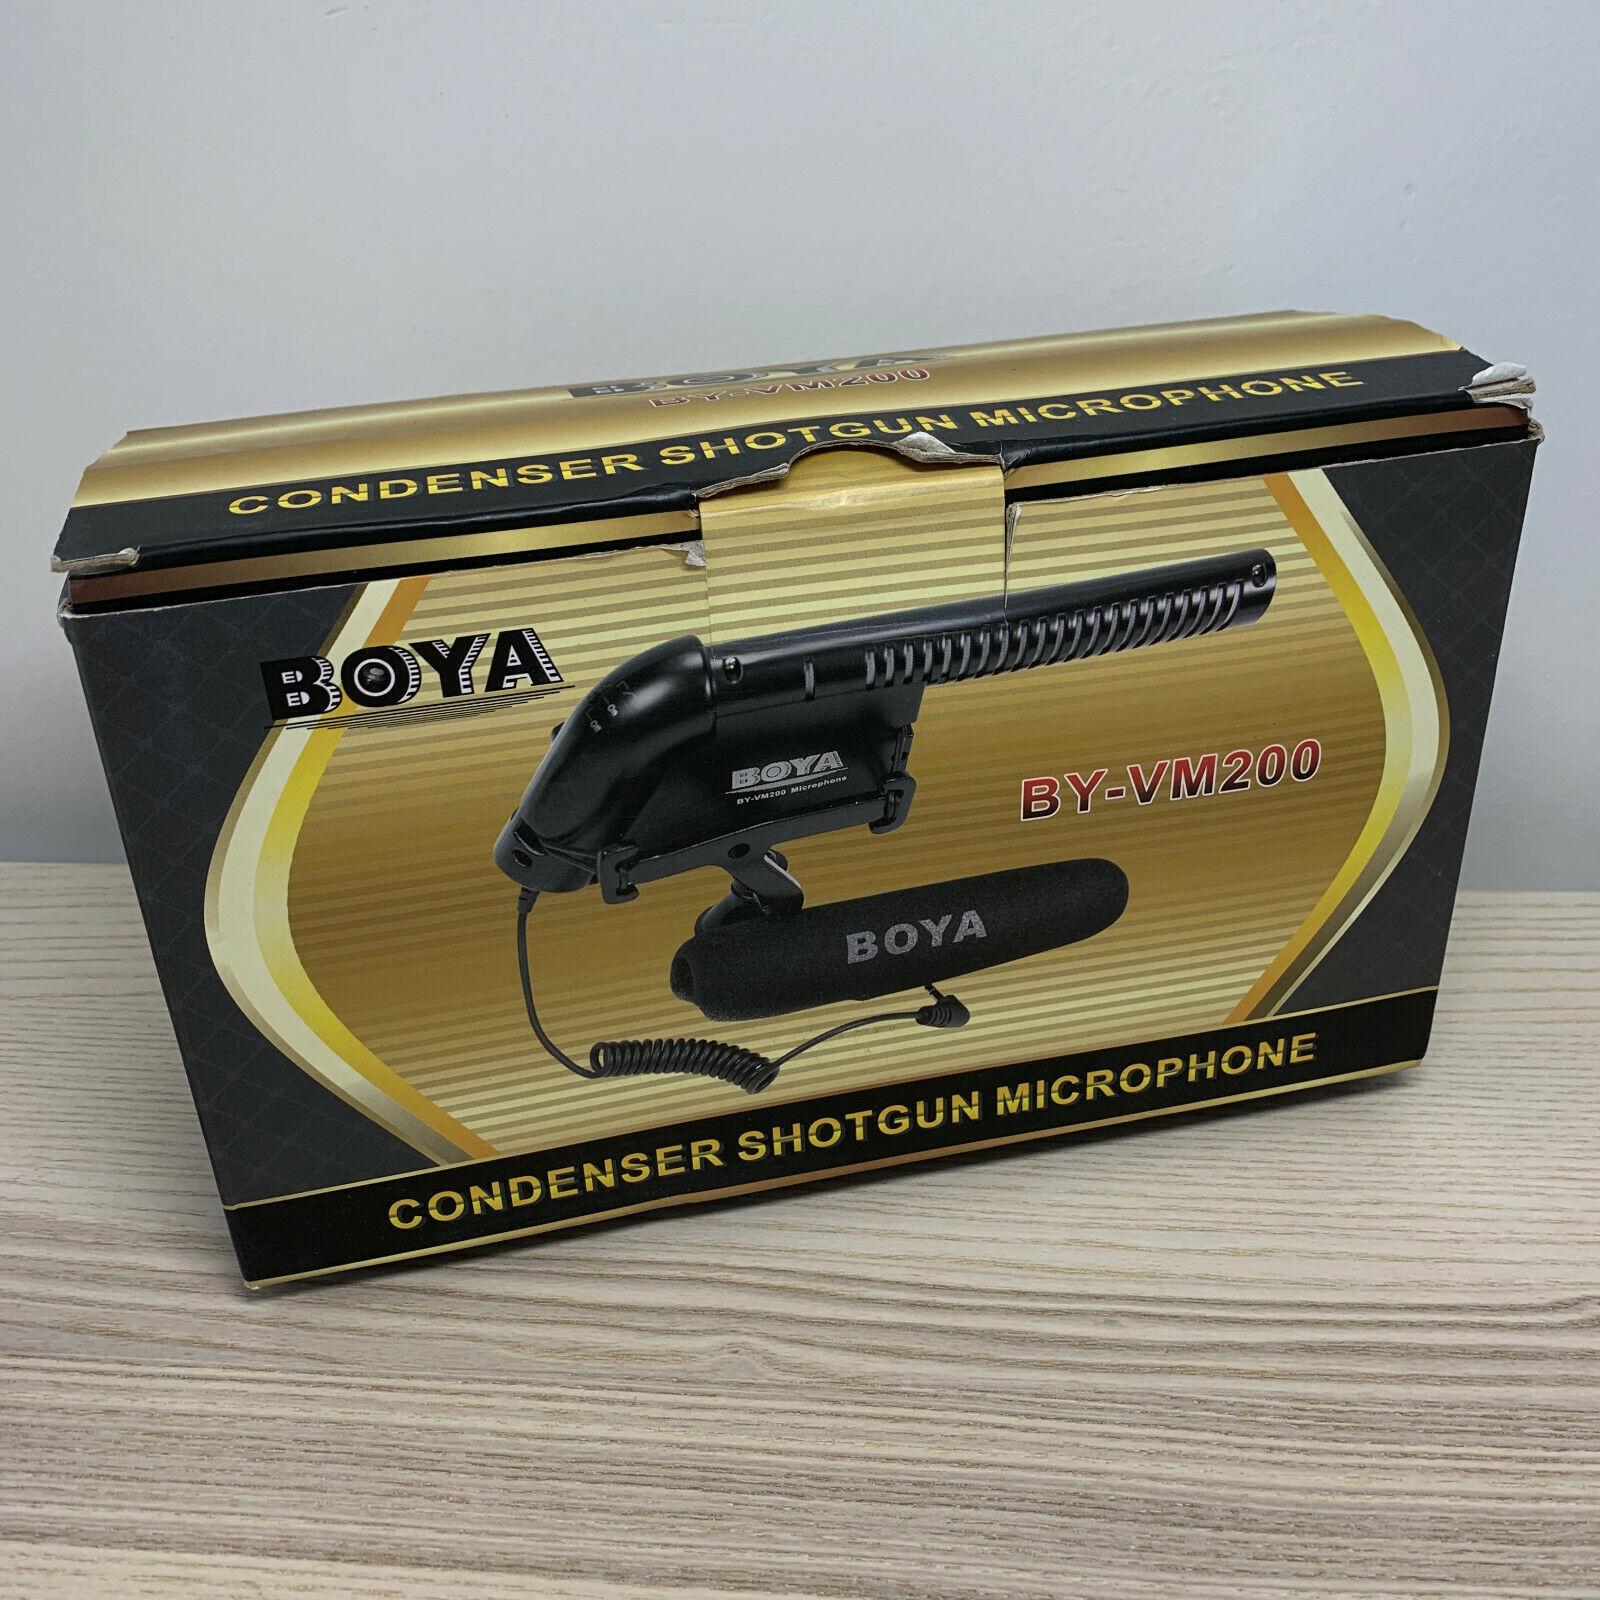 Boya BY-VM200 Condenser Shotgun Microphone